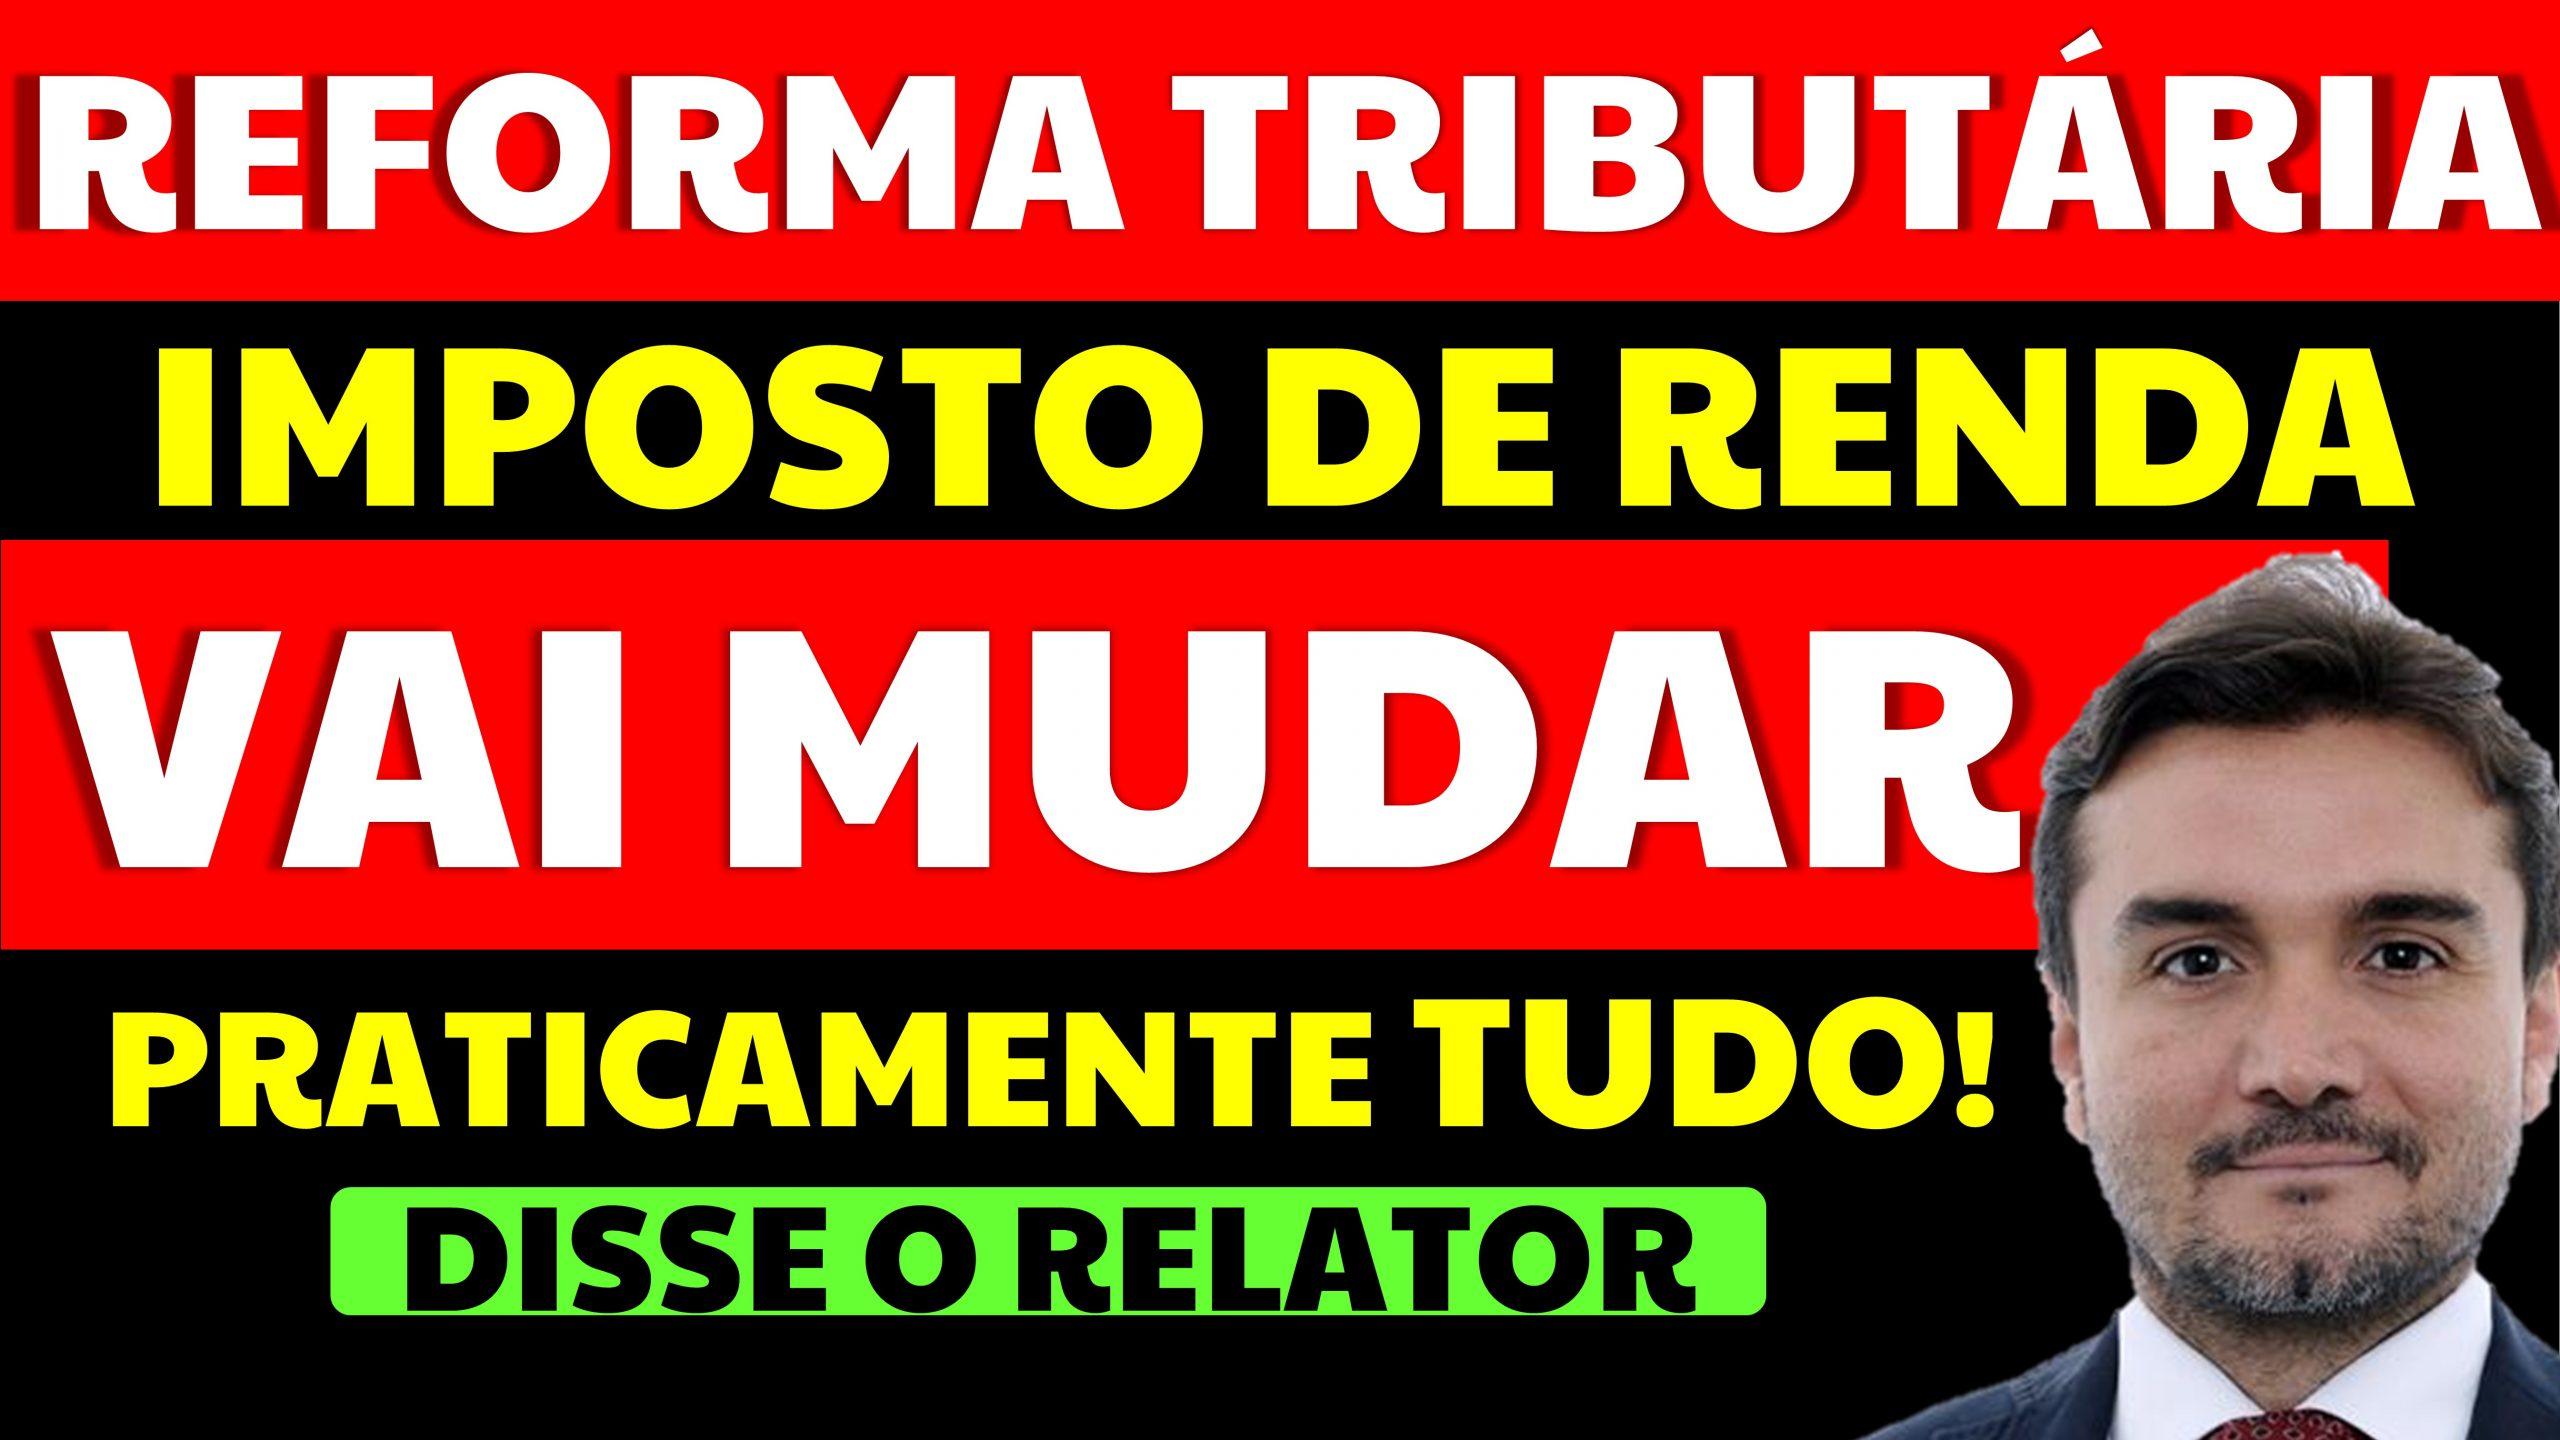 """You are currently viewing Reforma tributária e Imposto de Renda: """"Vai mudar praticamente tudo"""", diz o relator"""